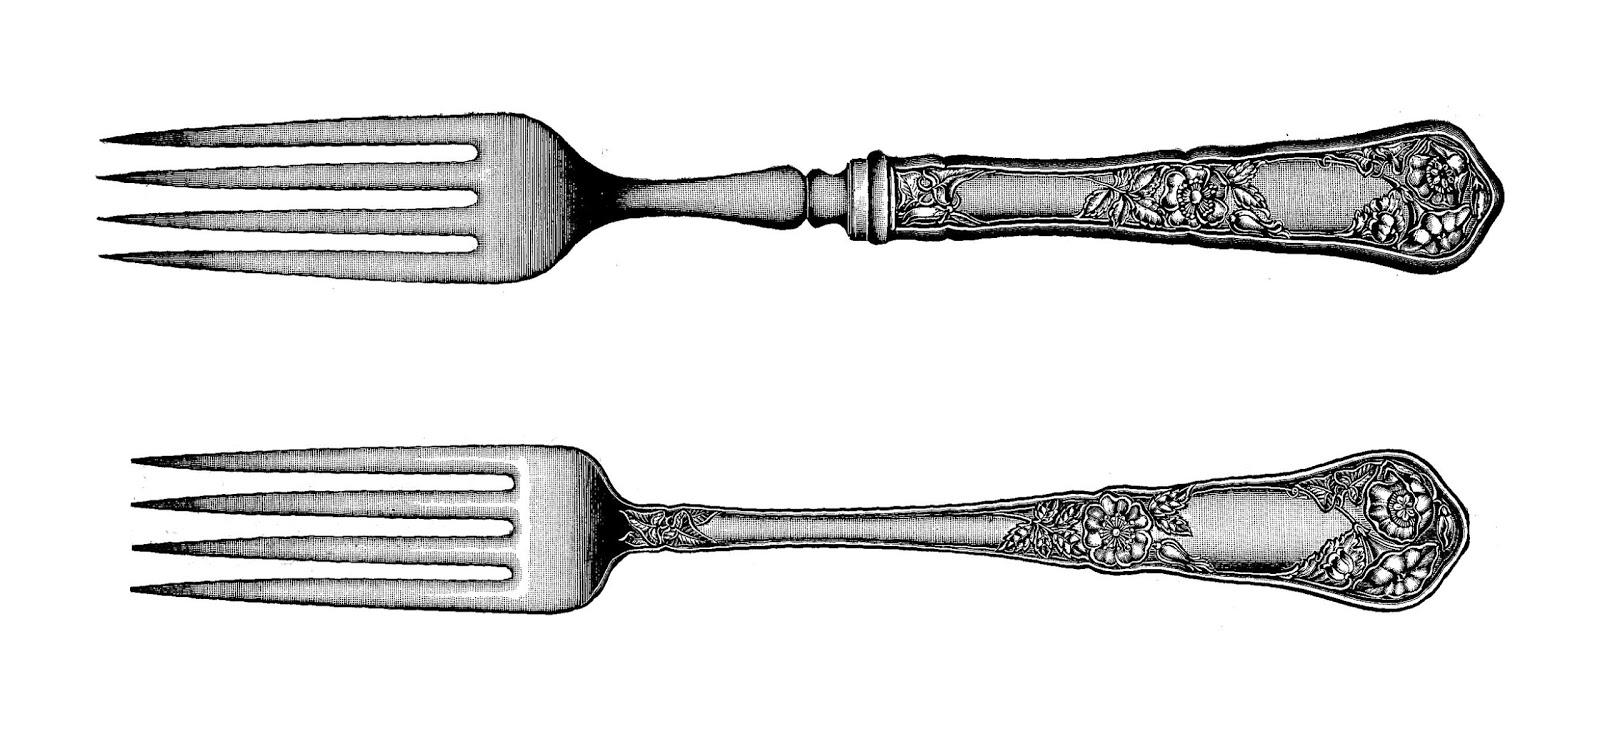 Vintage fork clipart kid